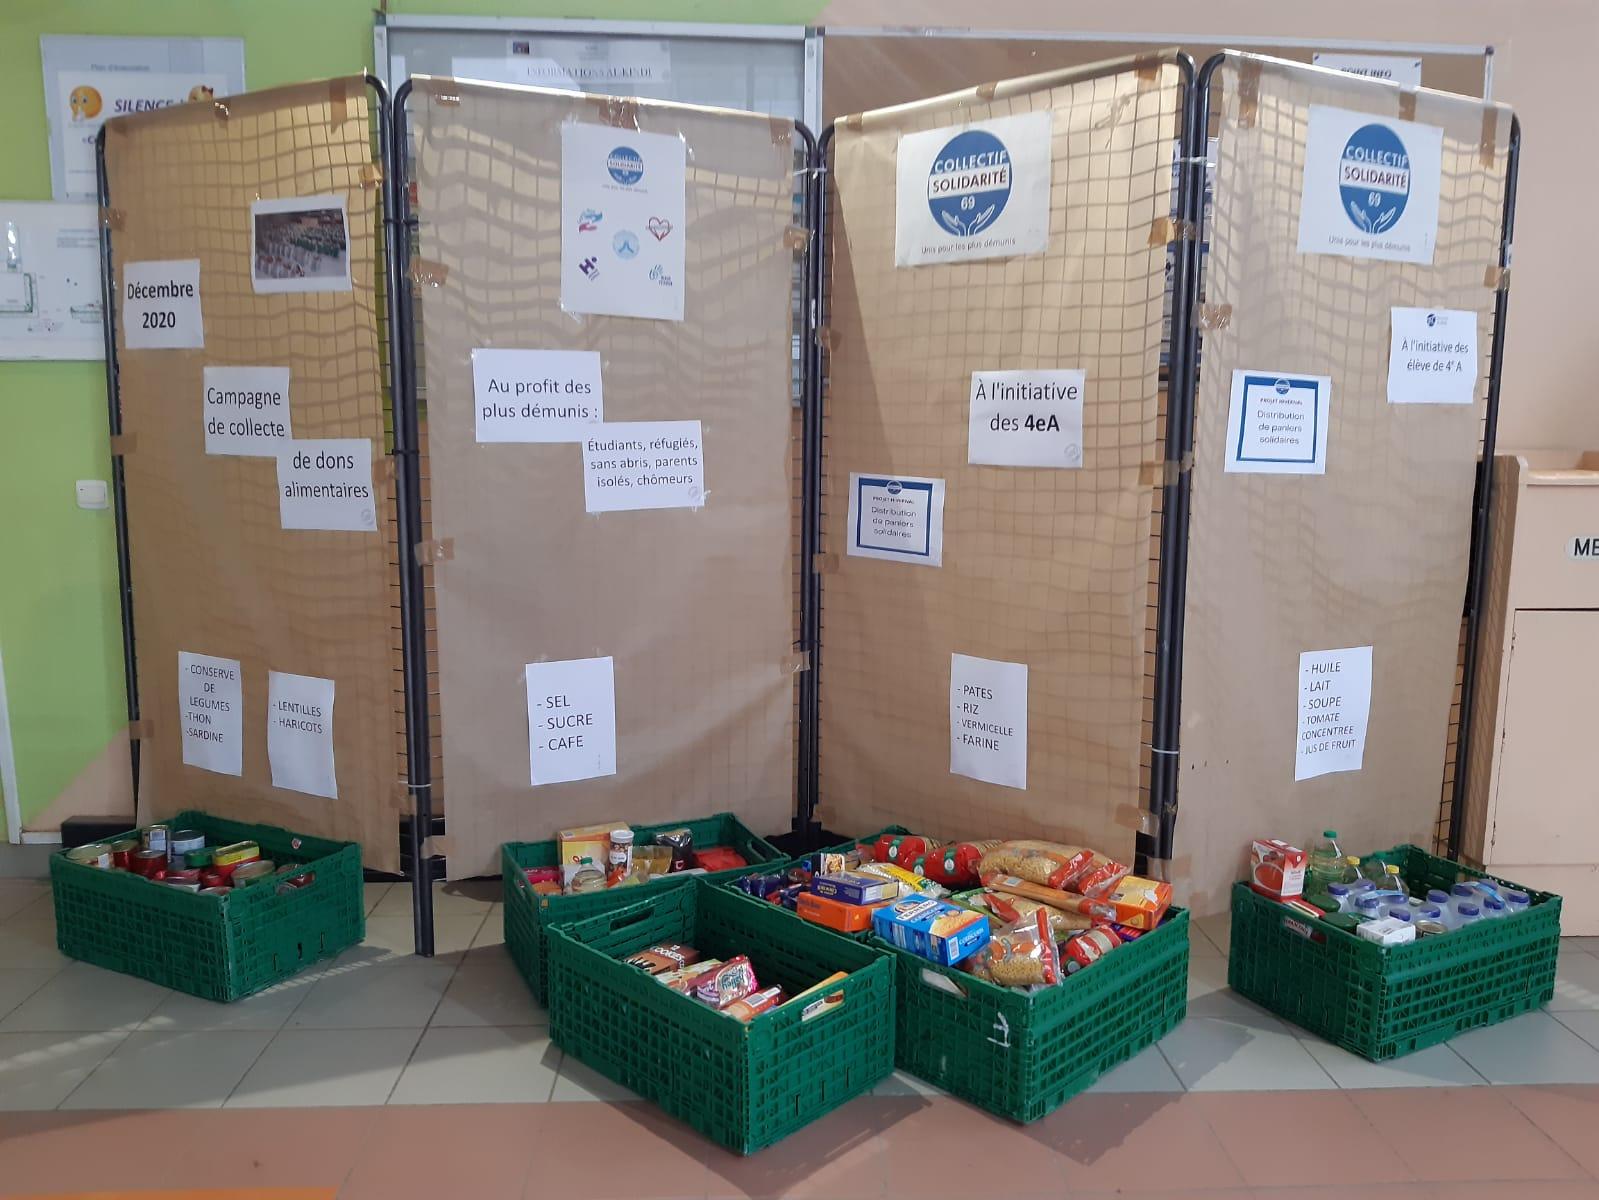 Aperçu des dons alimentaires collectés